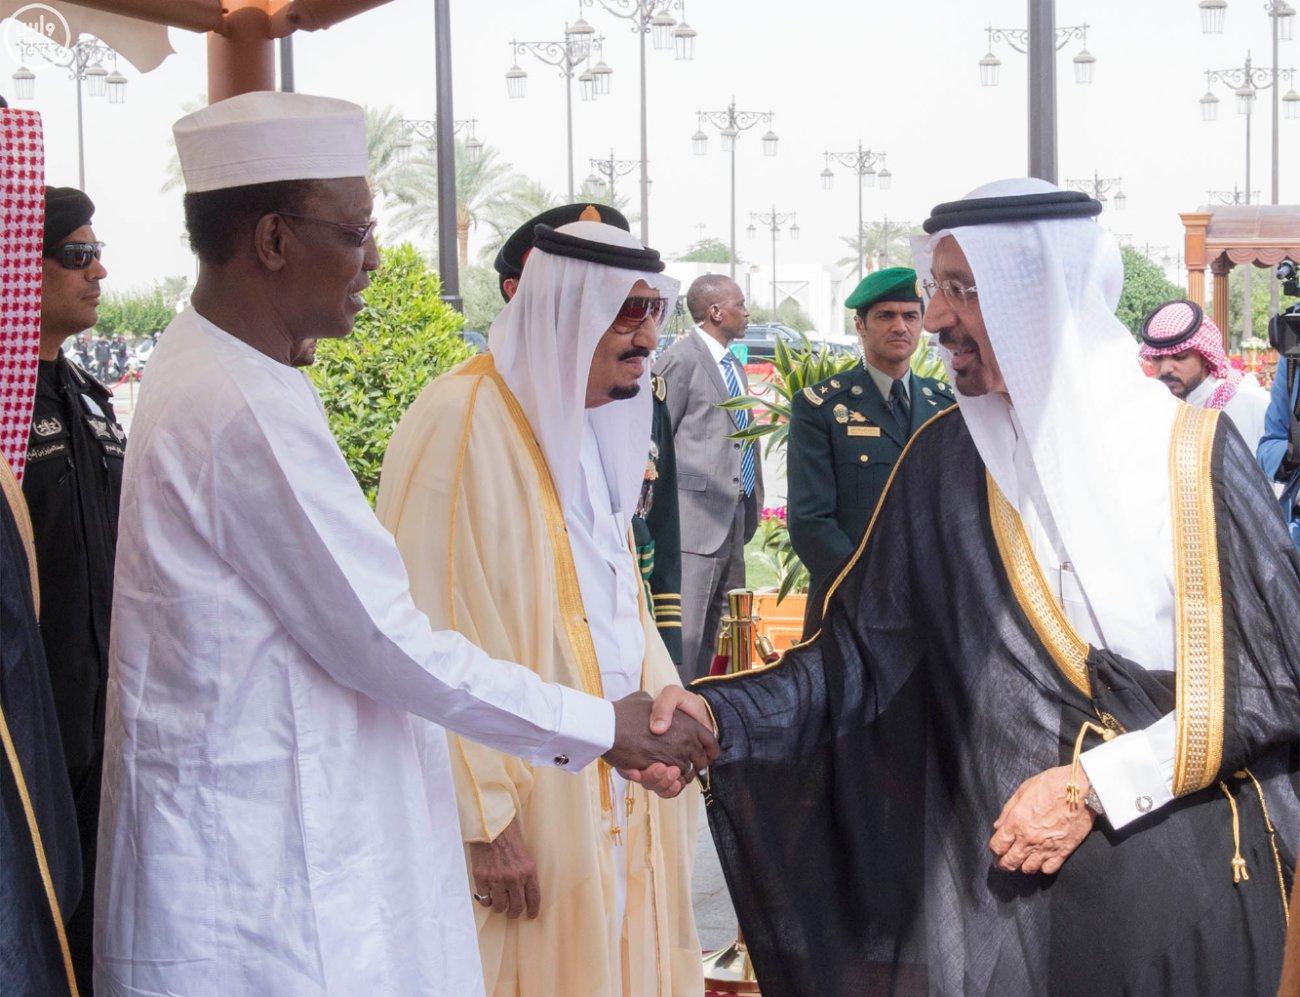 خادم الحرمين الشريفين يستقبل فخامة رئيس جمهورية تشاد 1